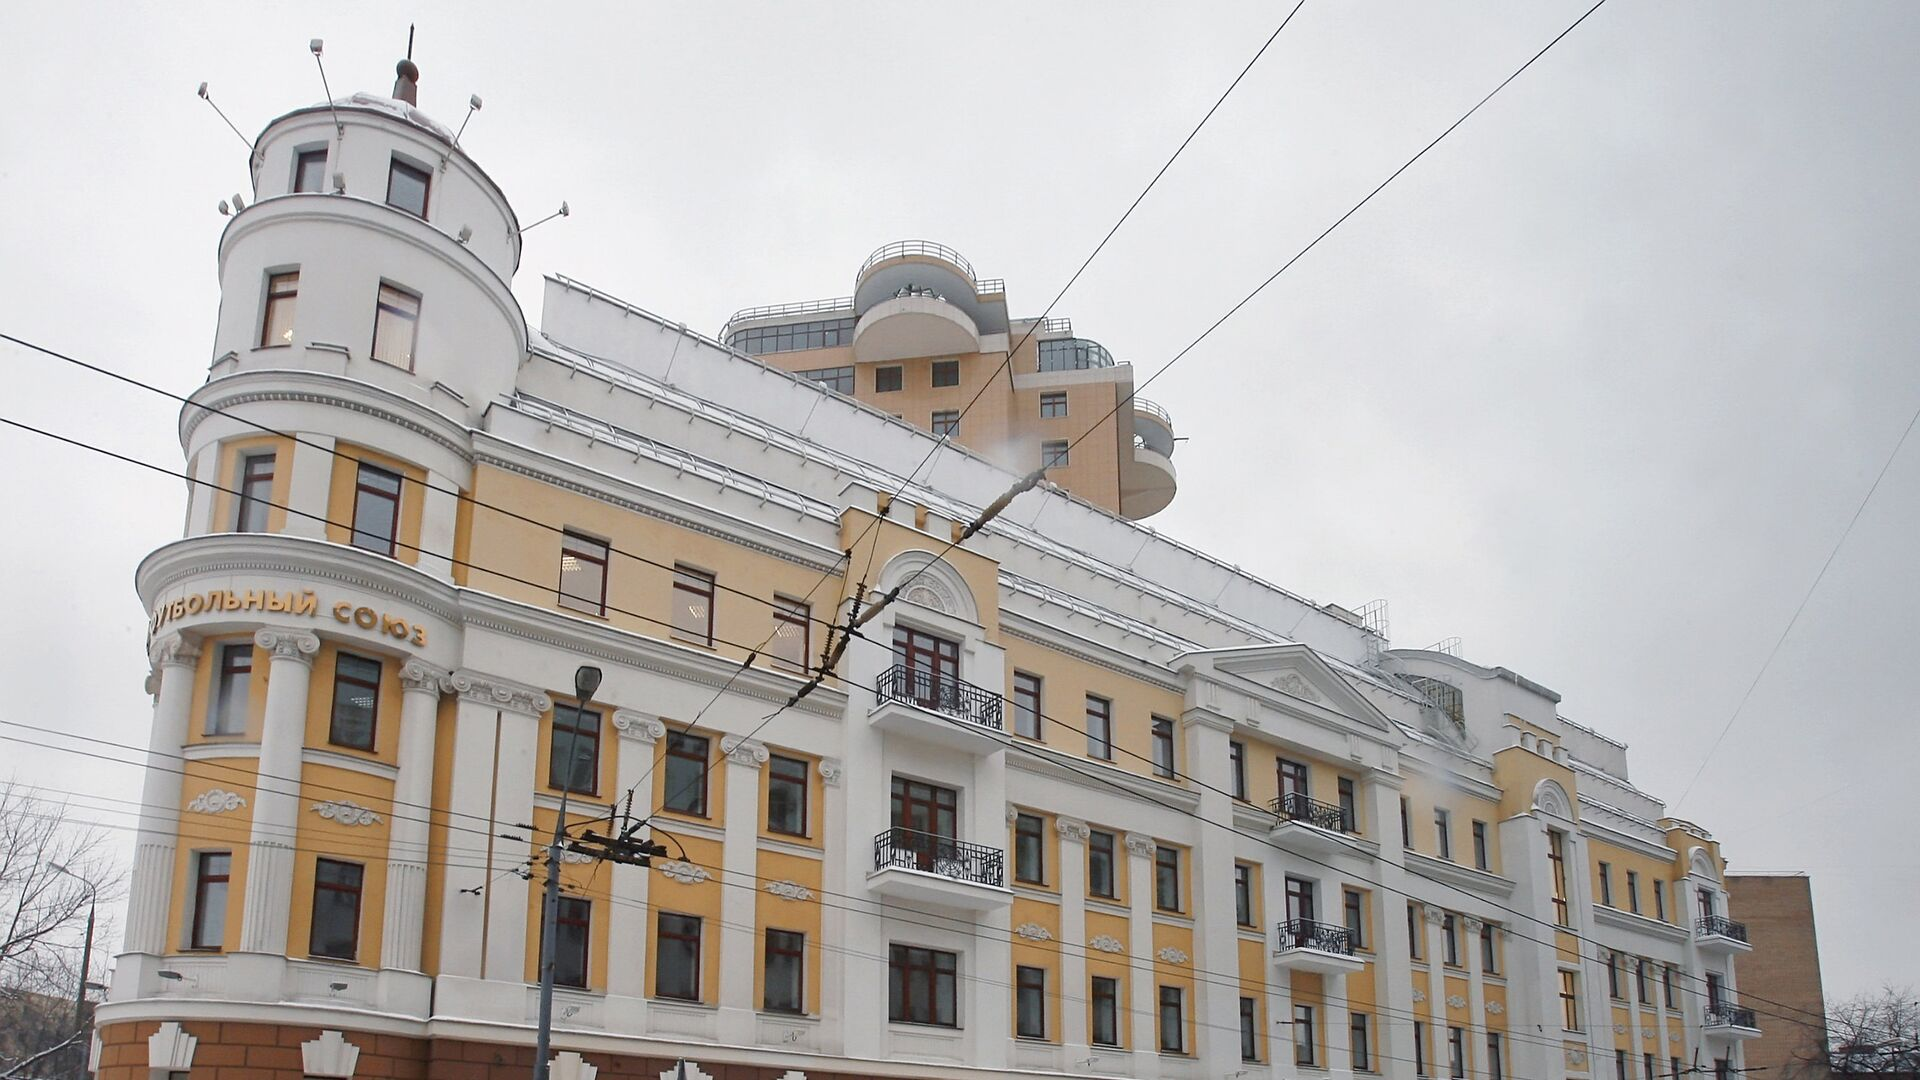 Новое офисное здание Российского футбольного союза (РФС) - РИА Новости, 1920, 03.06.2021